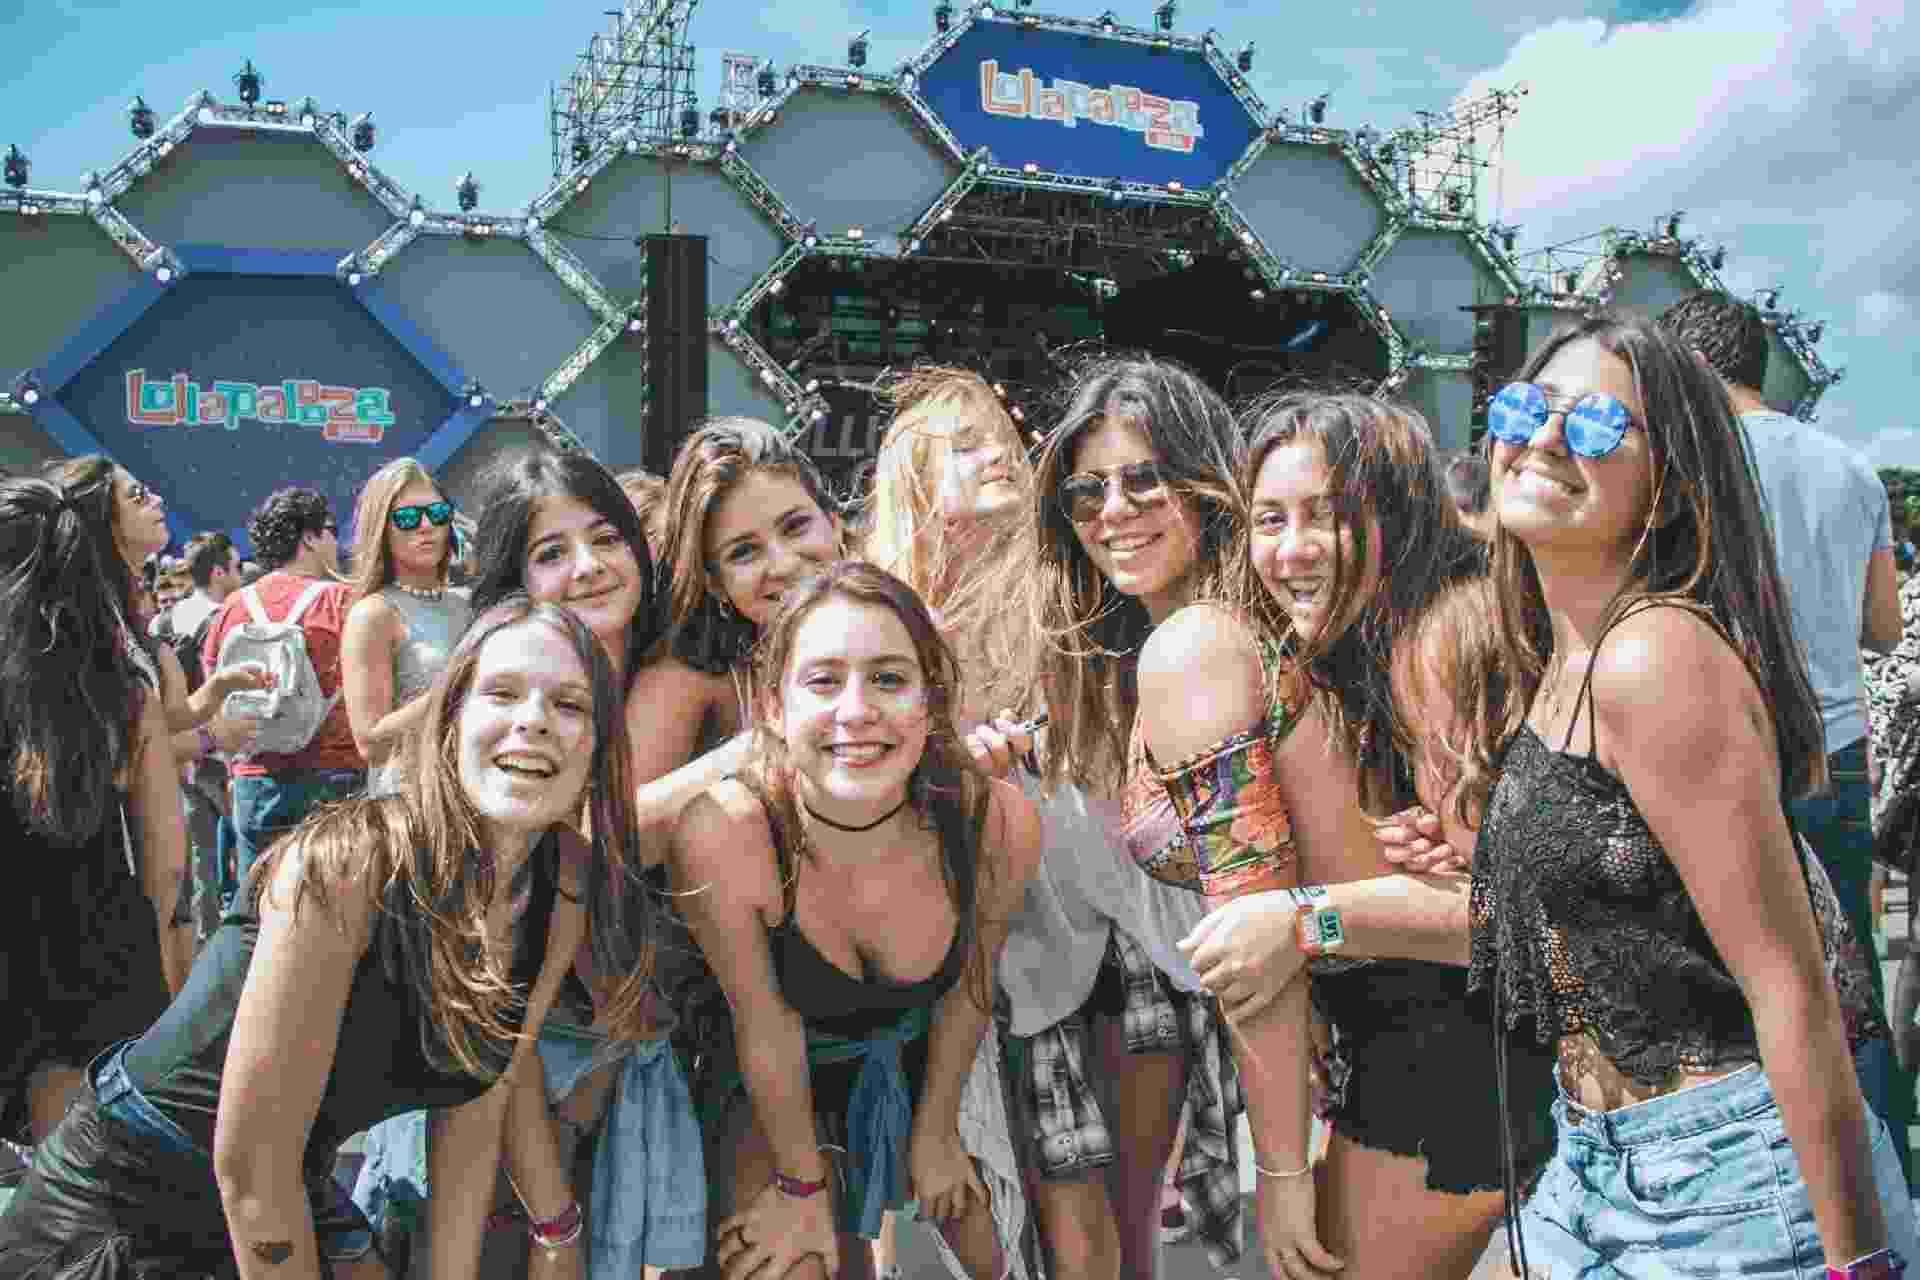 Público aproveita o show do DJ llusionize, no palco Perry's, no segundo dia do festival Lollapalooza - MRossi/Lollapalooza/Divulgação